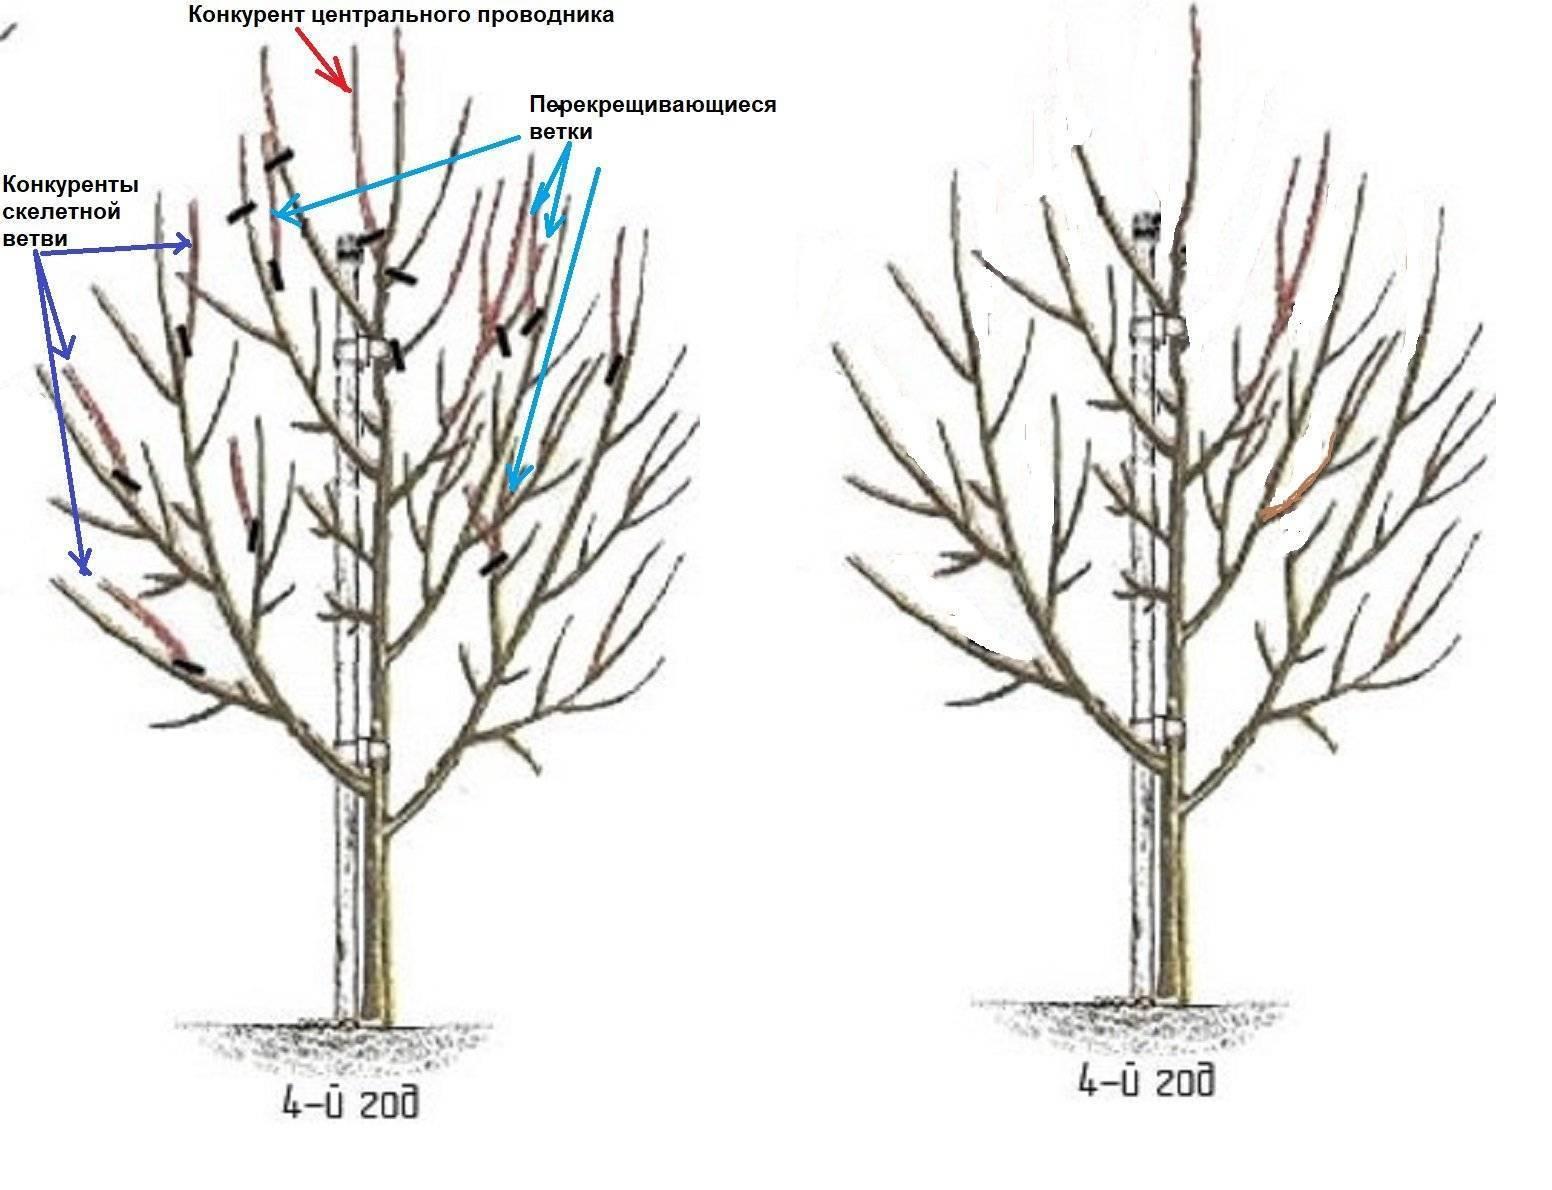 Как правильно обрезать колоновидные груши осенью: руководство для начинающих